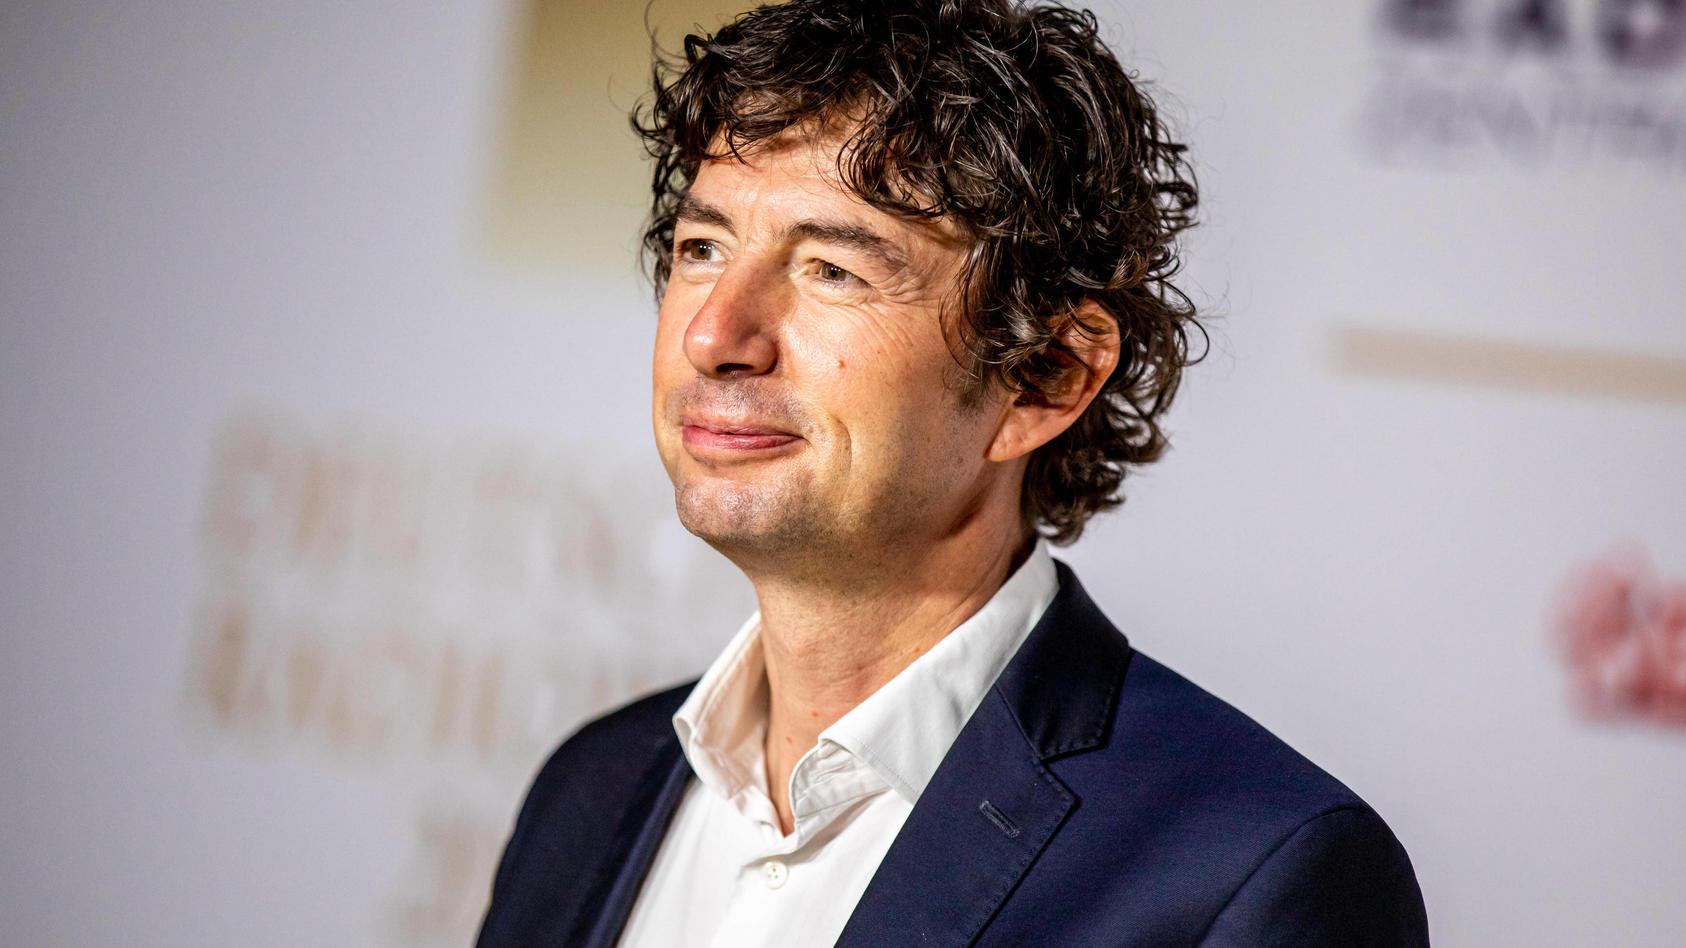 Hamburg, 10. September 2020 - Prof. Dr. Christian Drosten während des Deutschen Radiopreises 2020 im Hamburger Schuppen